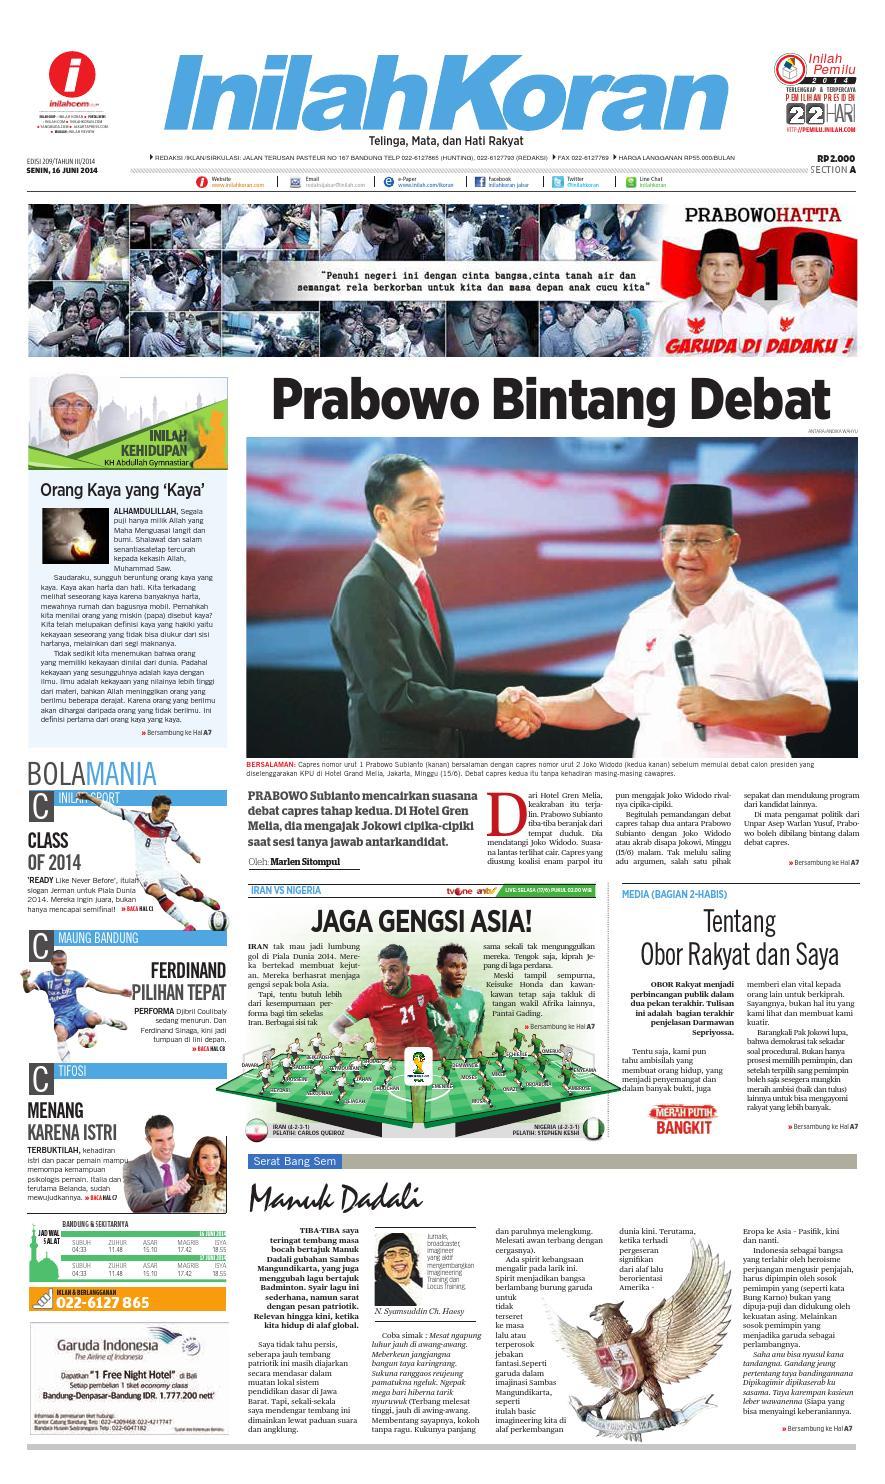 Prabowo Bintang Debat by inilah koran - issuu